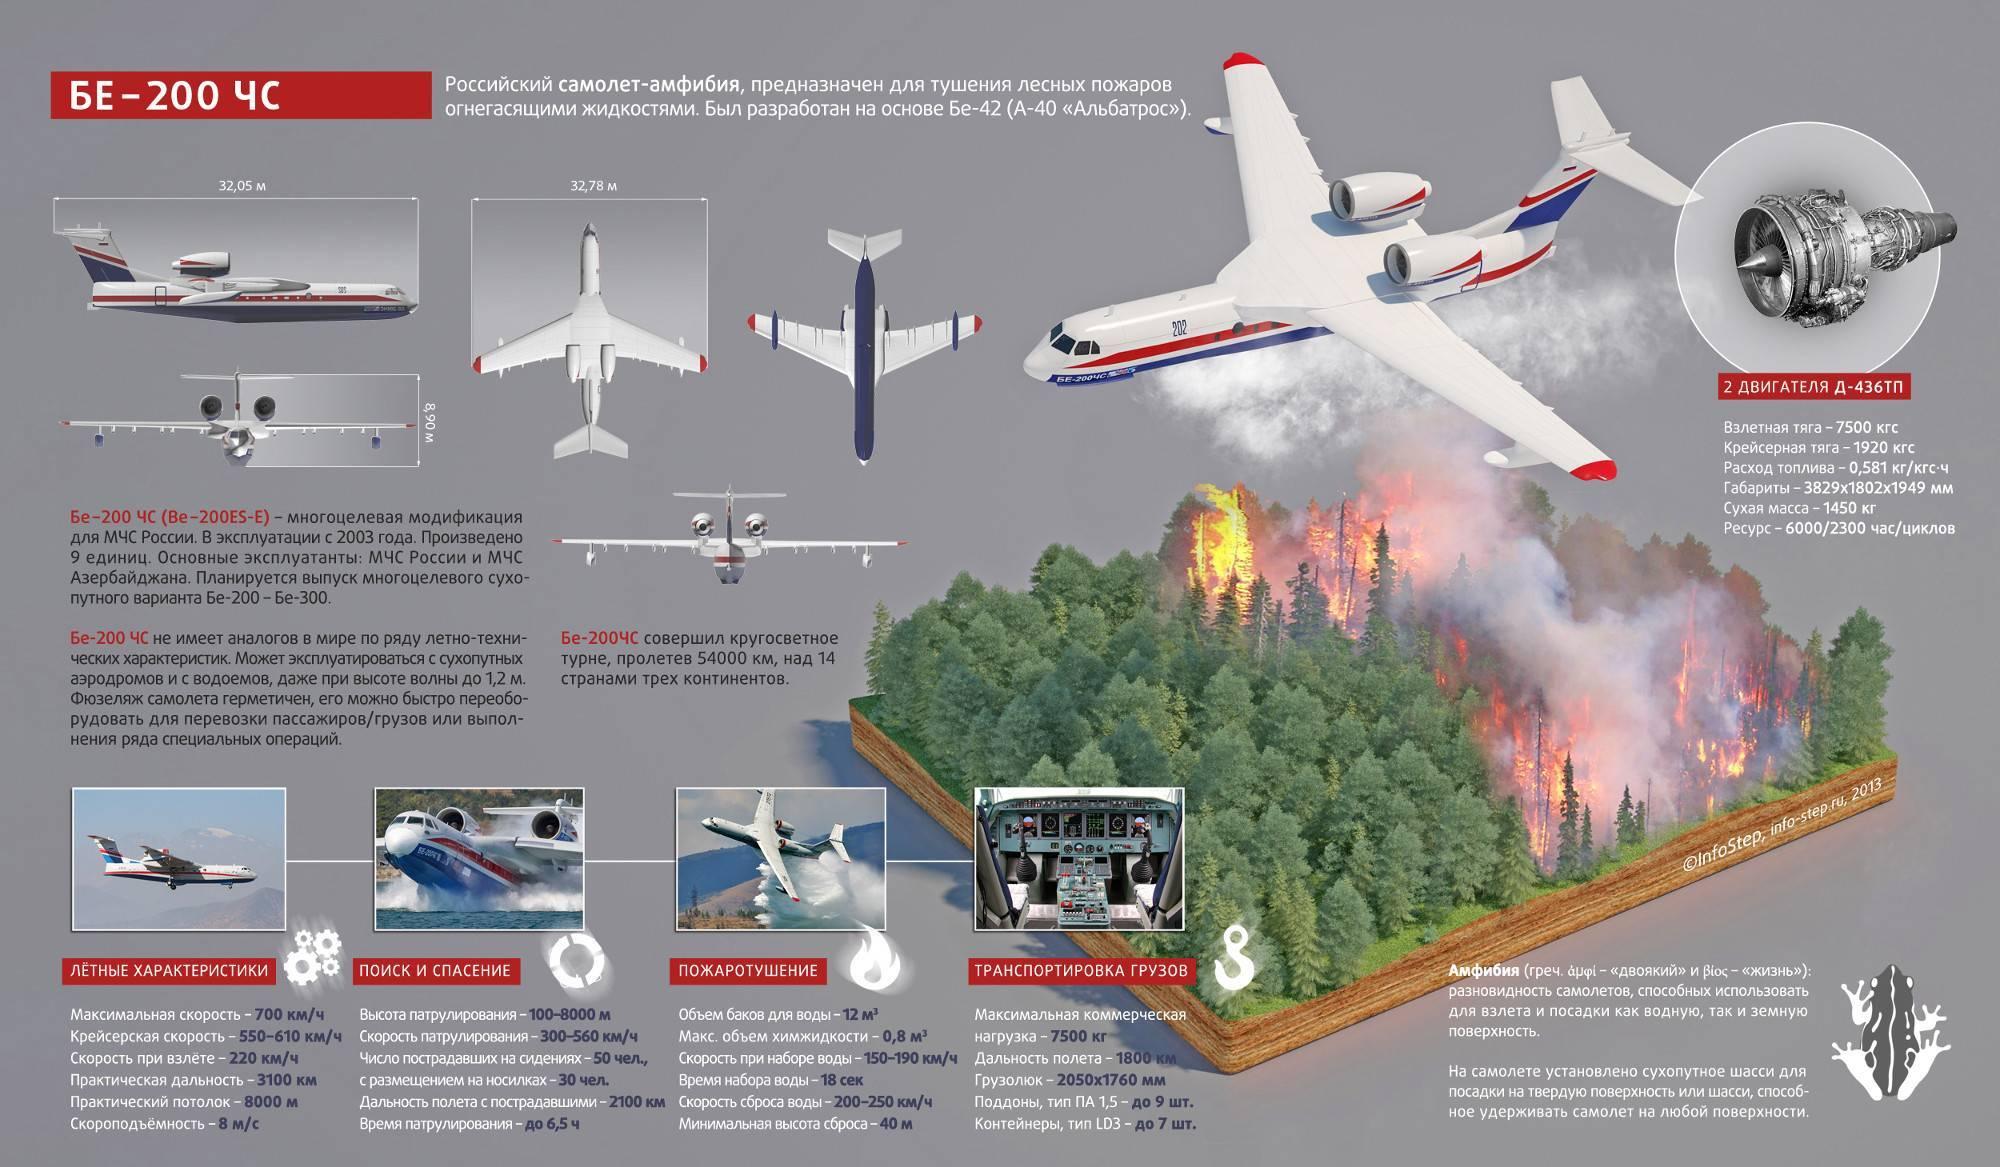 Самолет sukhoi superjet 100: отзывы, описание, фото